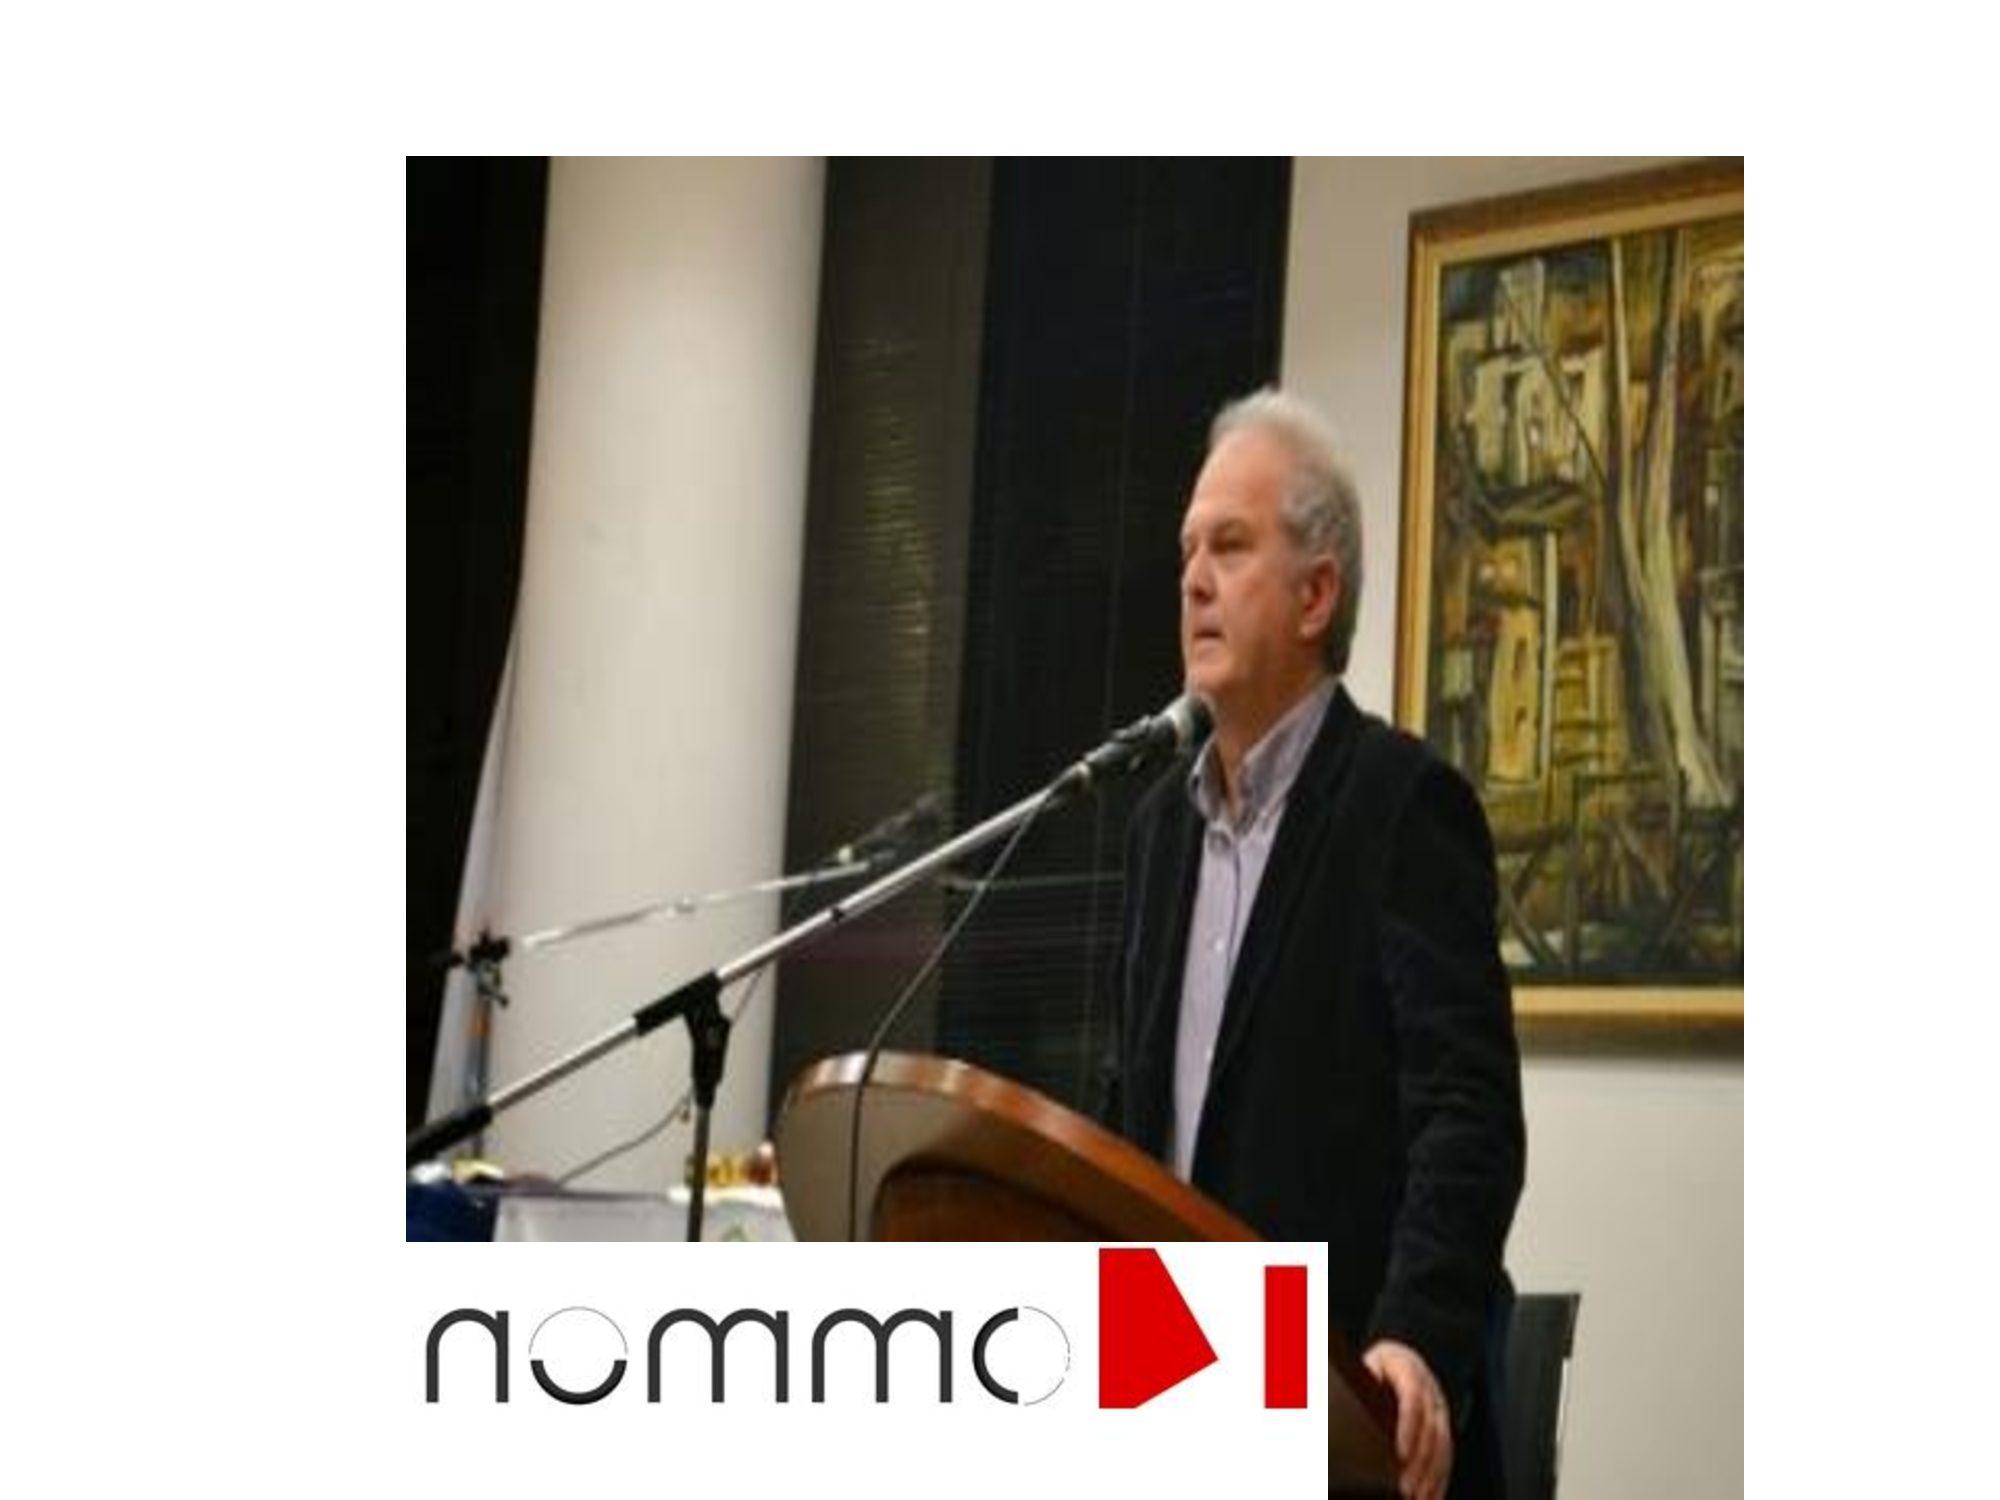 Κώστας Παπαδόπουλος: Μπροστάρης του αντιφασιστικού κινήματος το «Κόντρα στο Ρεύμα Νίκαιας Ρέντη»*